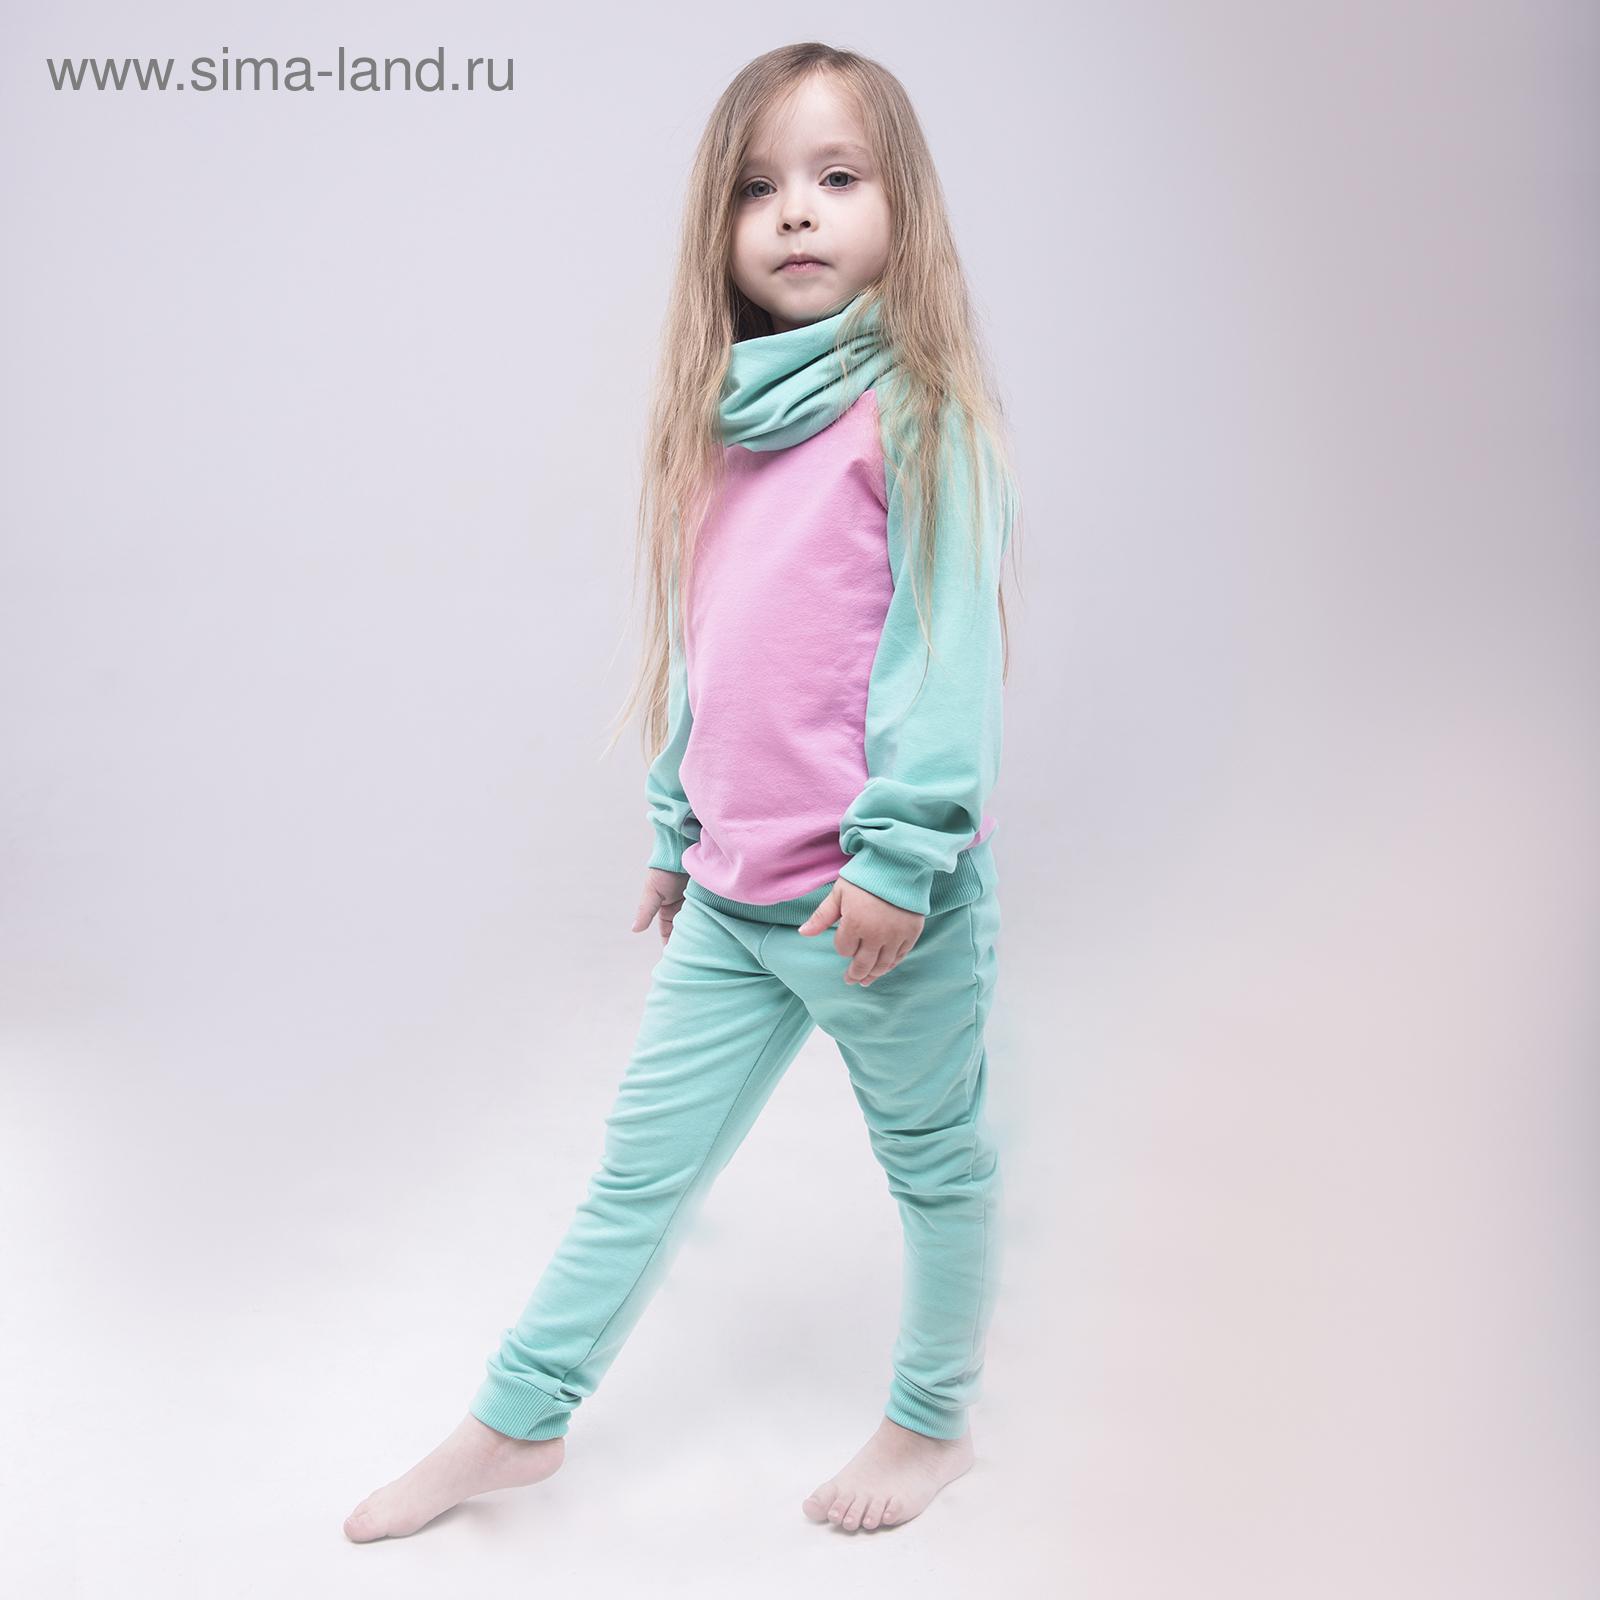 3897efdc Спортивный костюм для девочки (толстовка, брюки), рост 116 см, цвет ментол